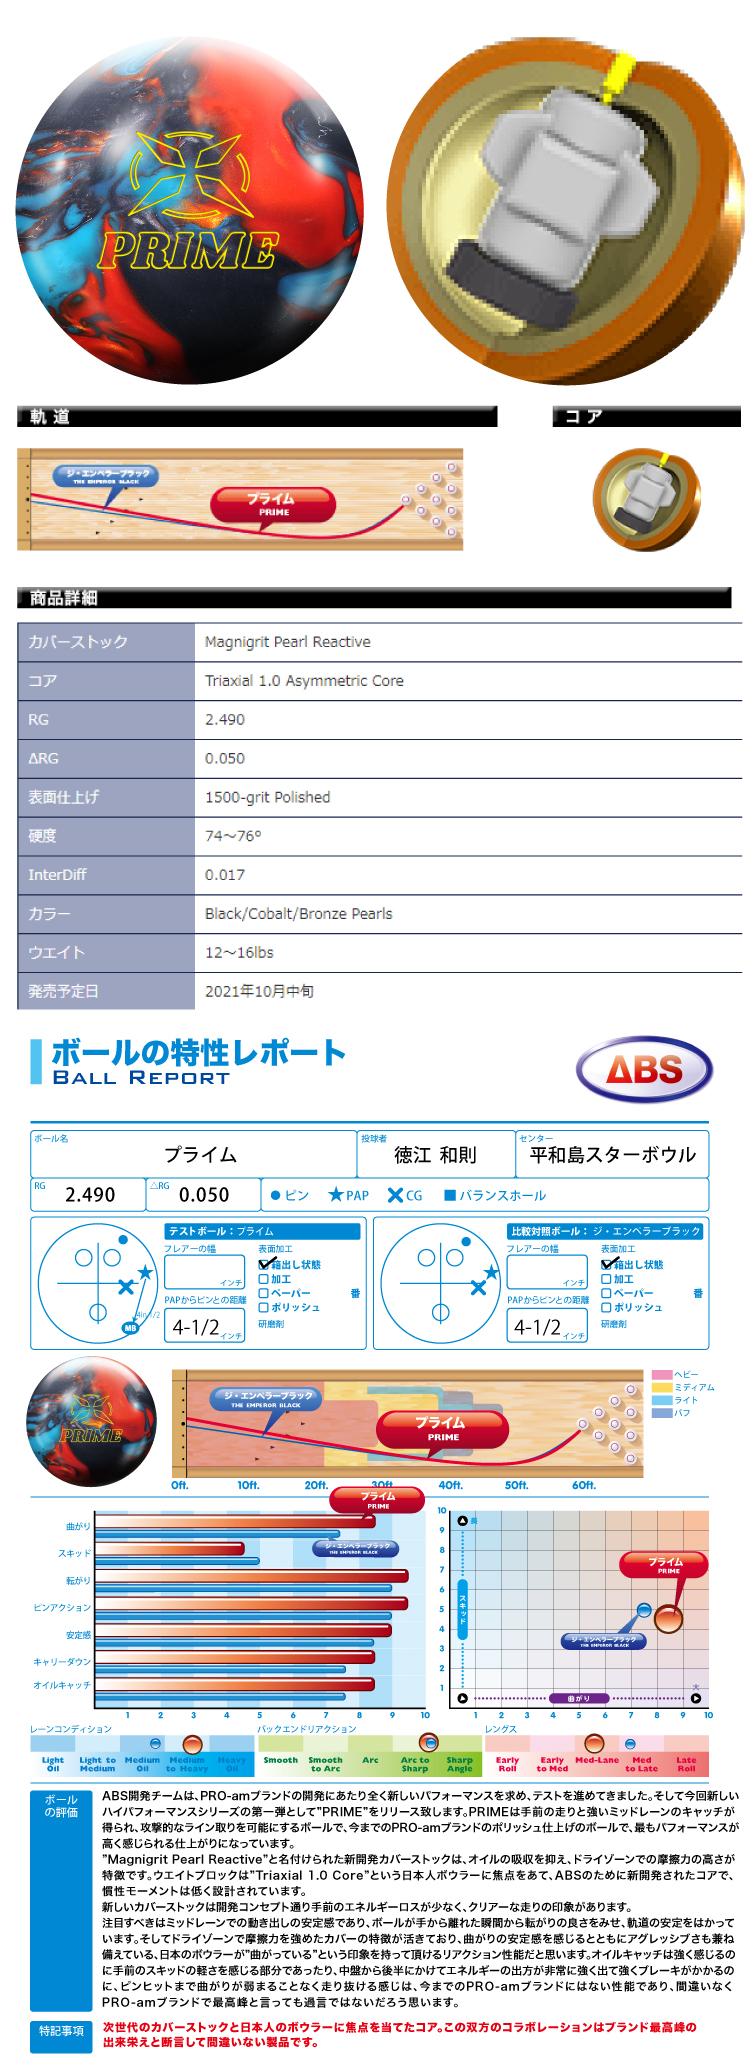 ボウリング用品 ボウリングボール ABS プロアマ Pro-am プライム PRIME